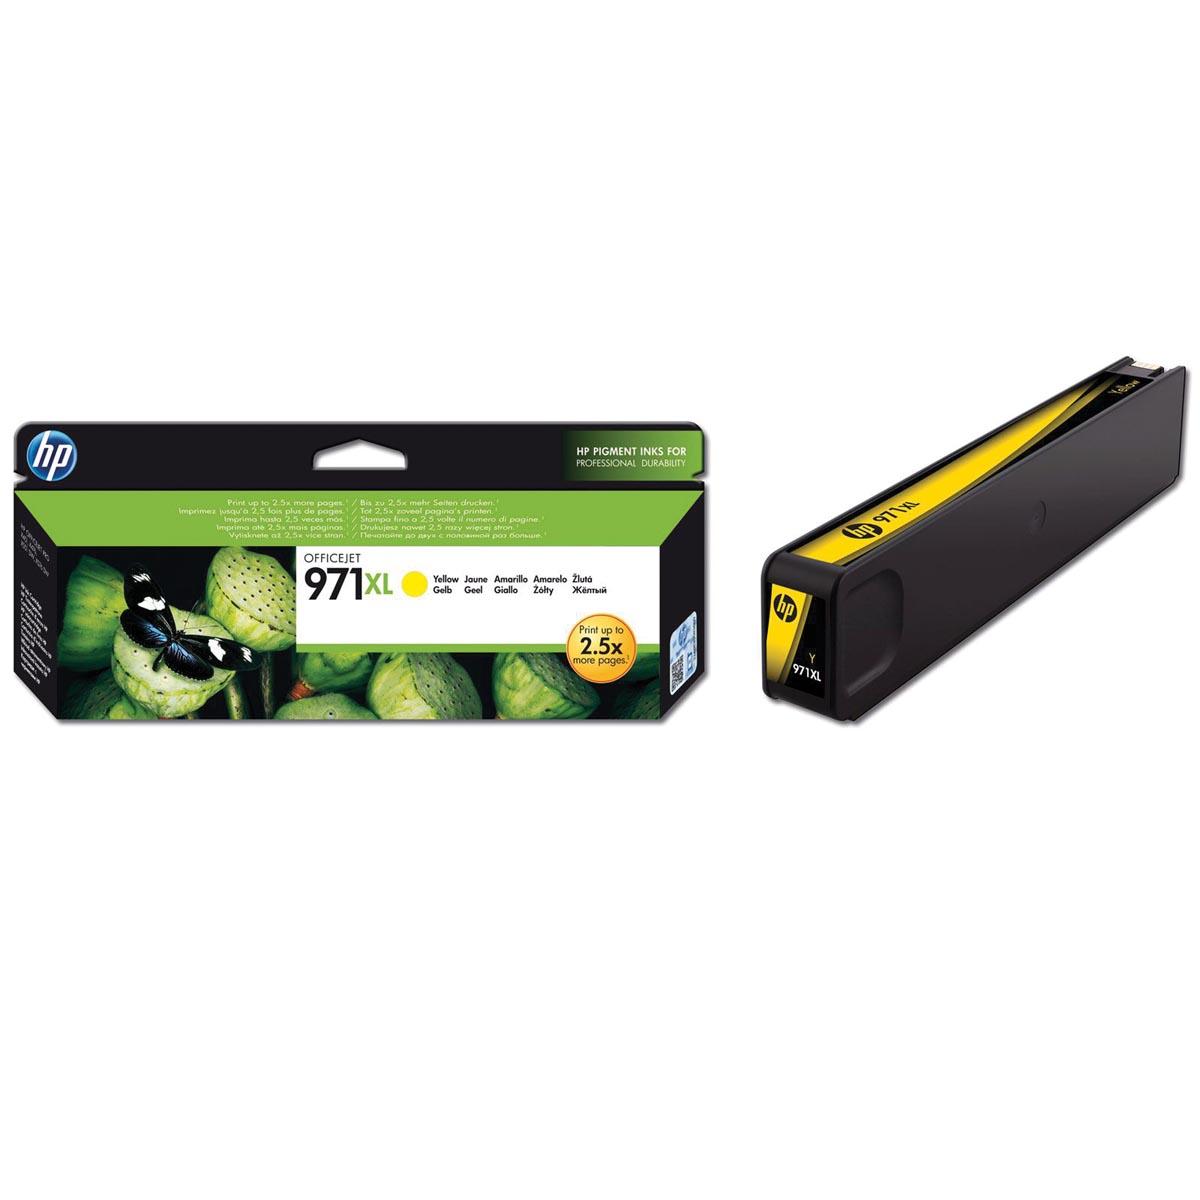 HP inktcartridge 971XL, 6 600 paginas, OEM CN628AE, geel